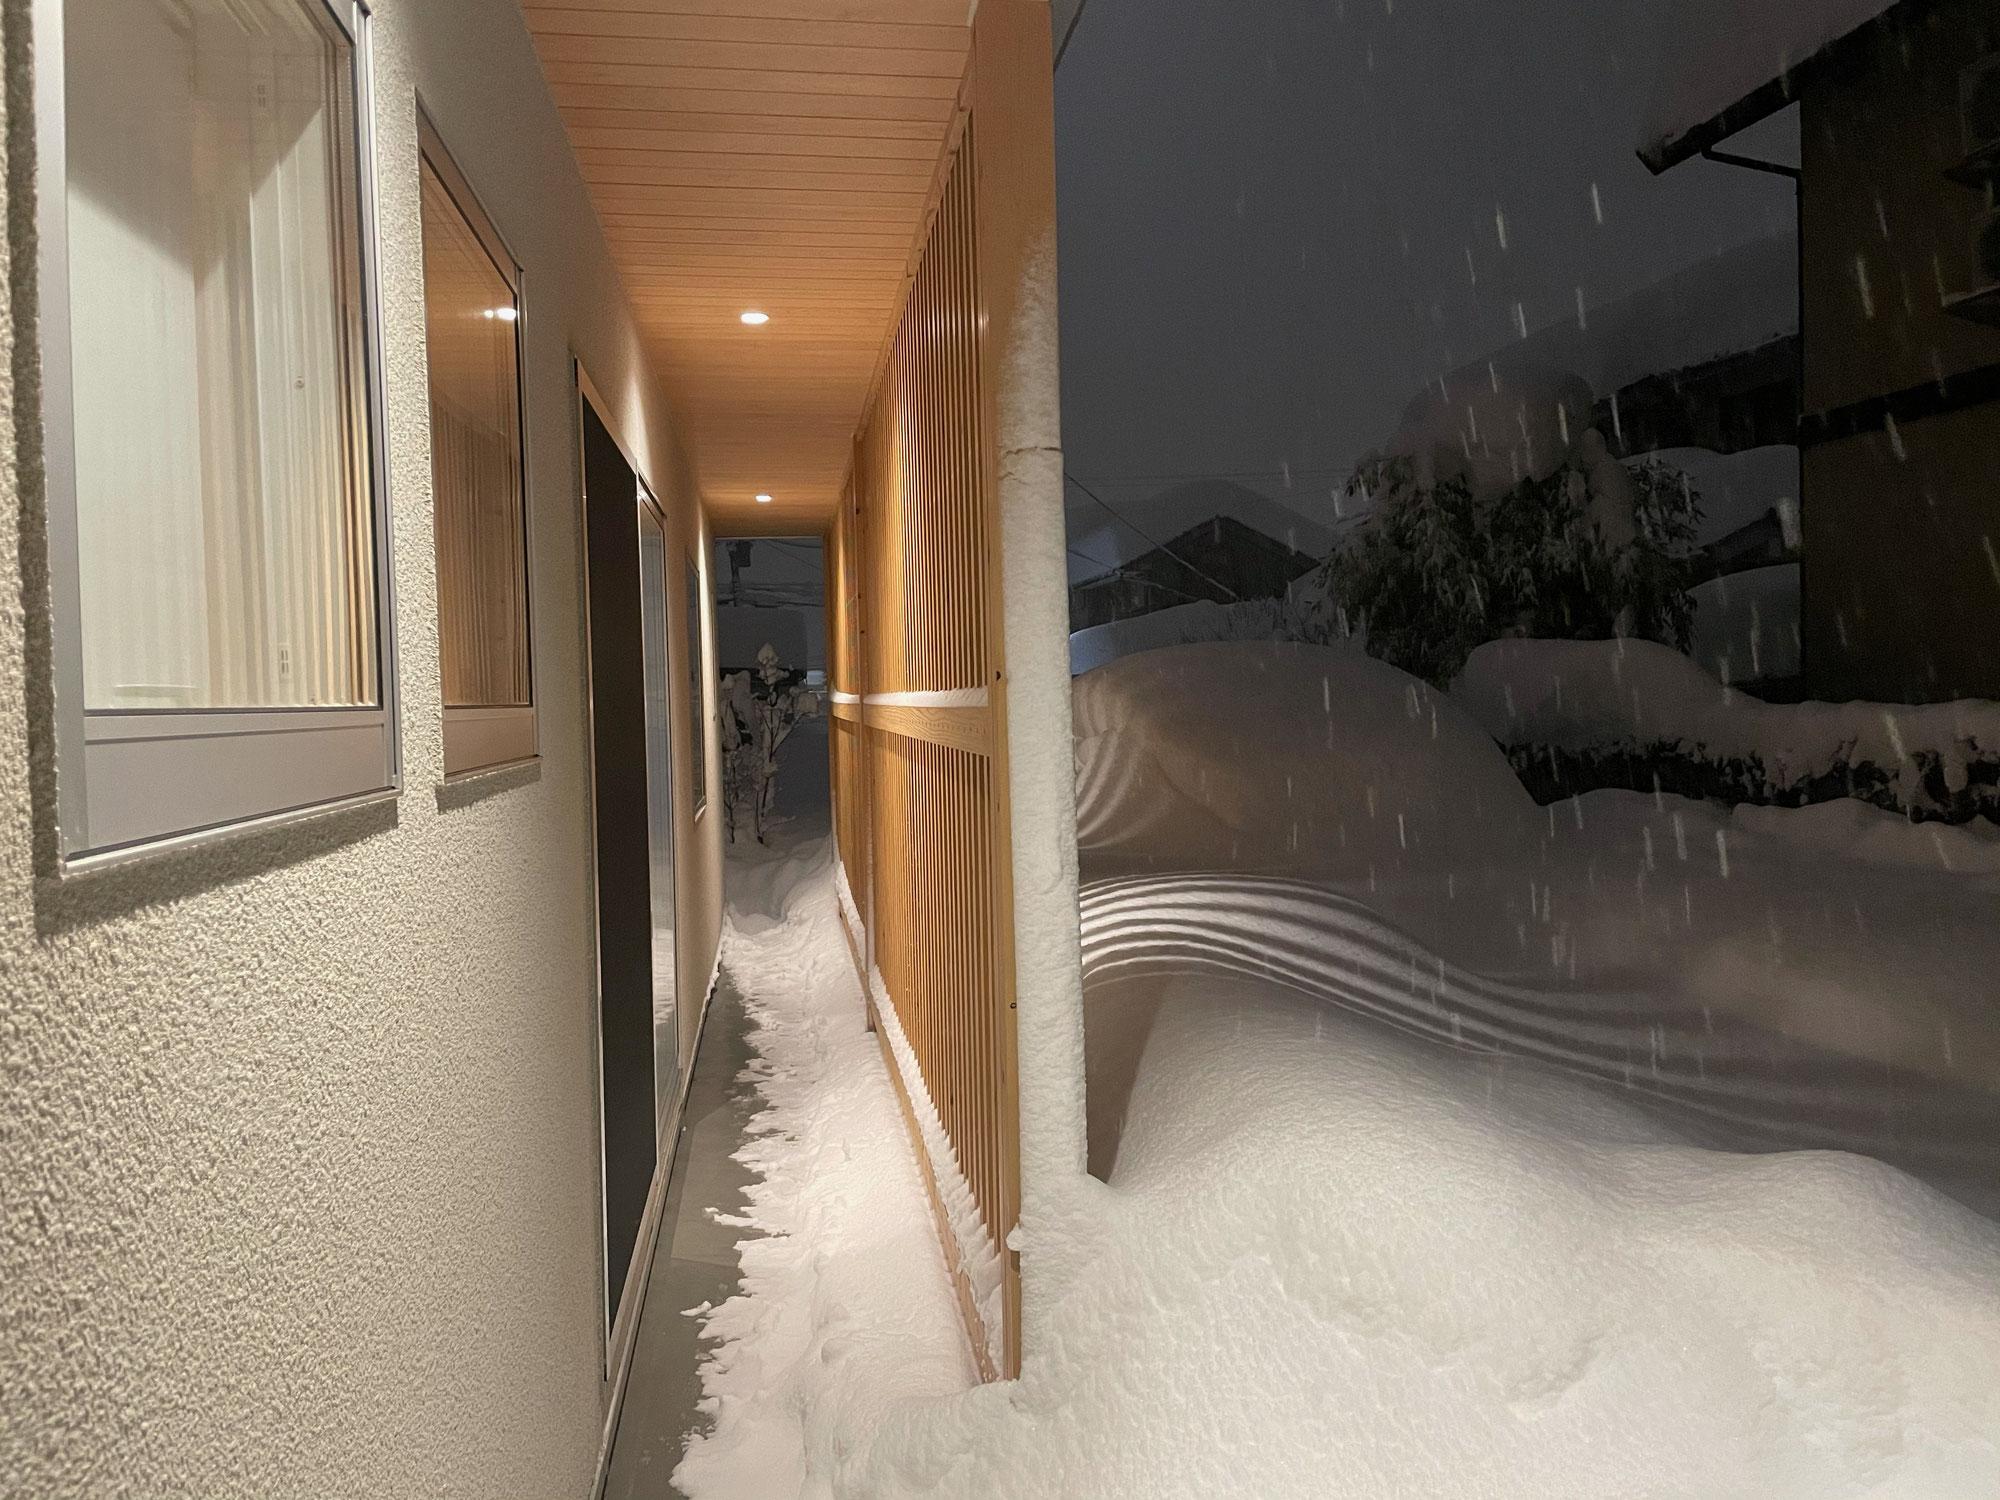 大雪の【atelierMiKi】の回廊風景と音楽